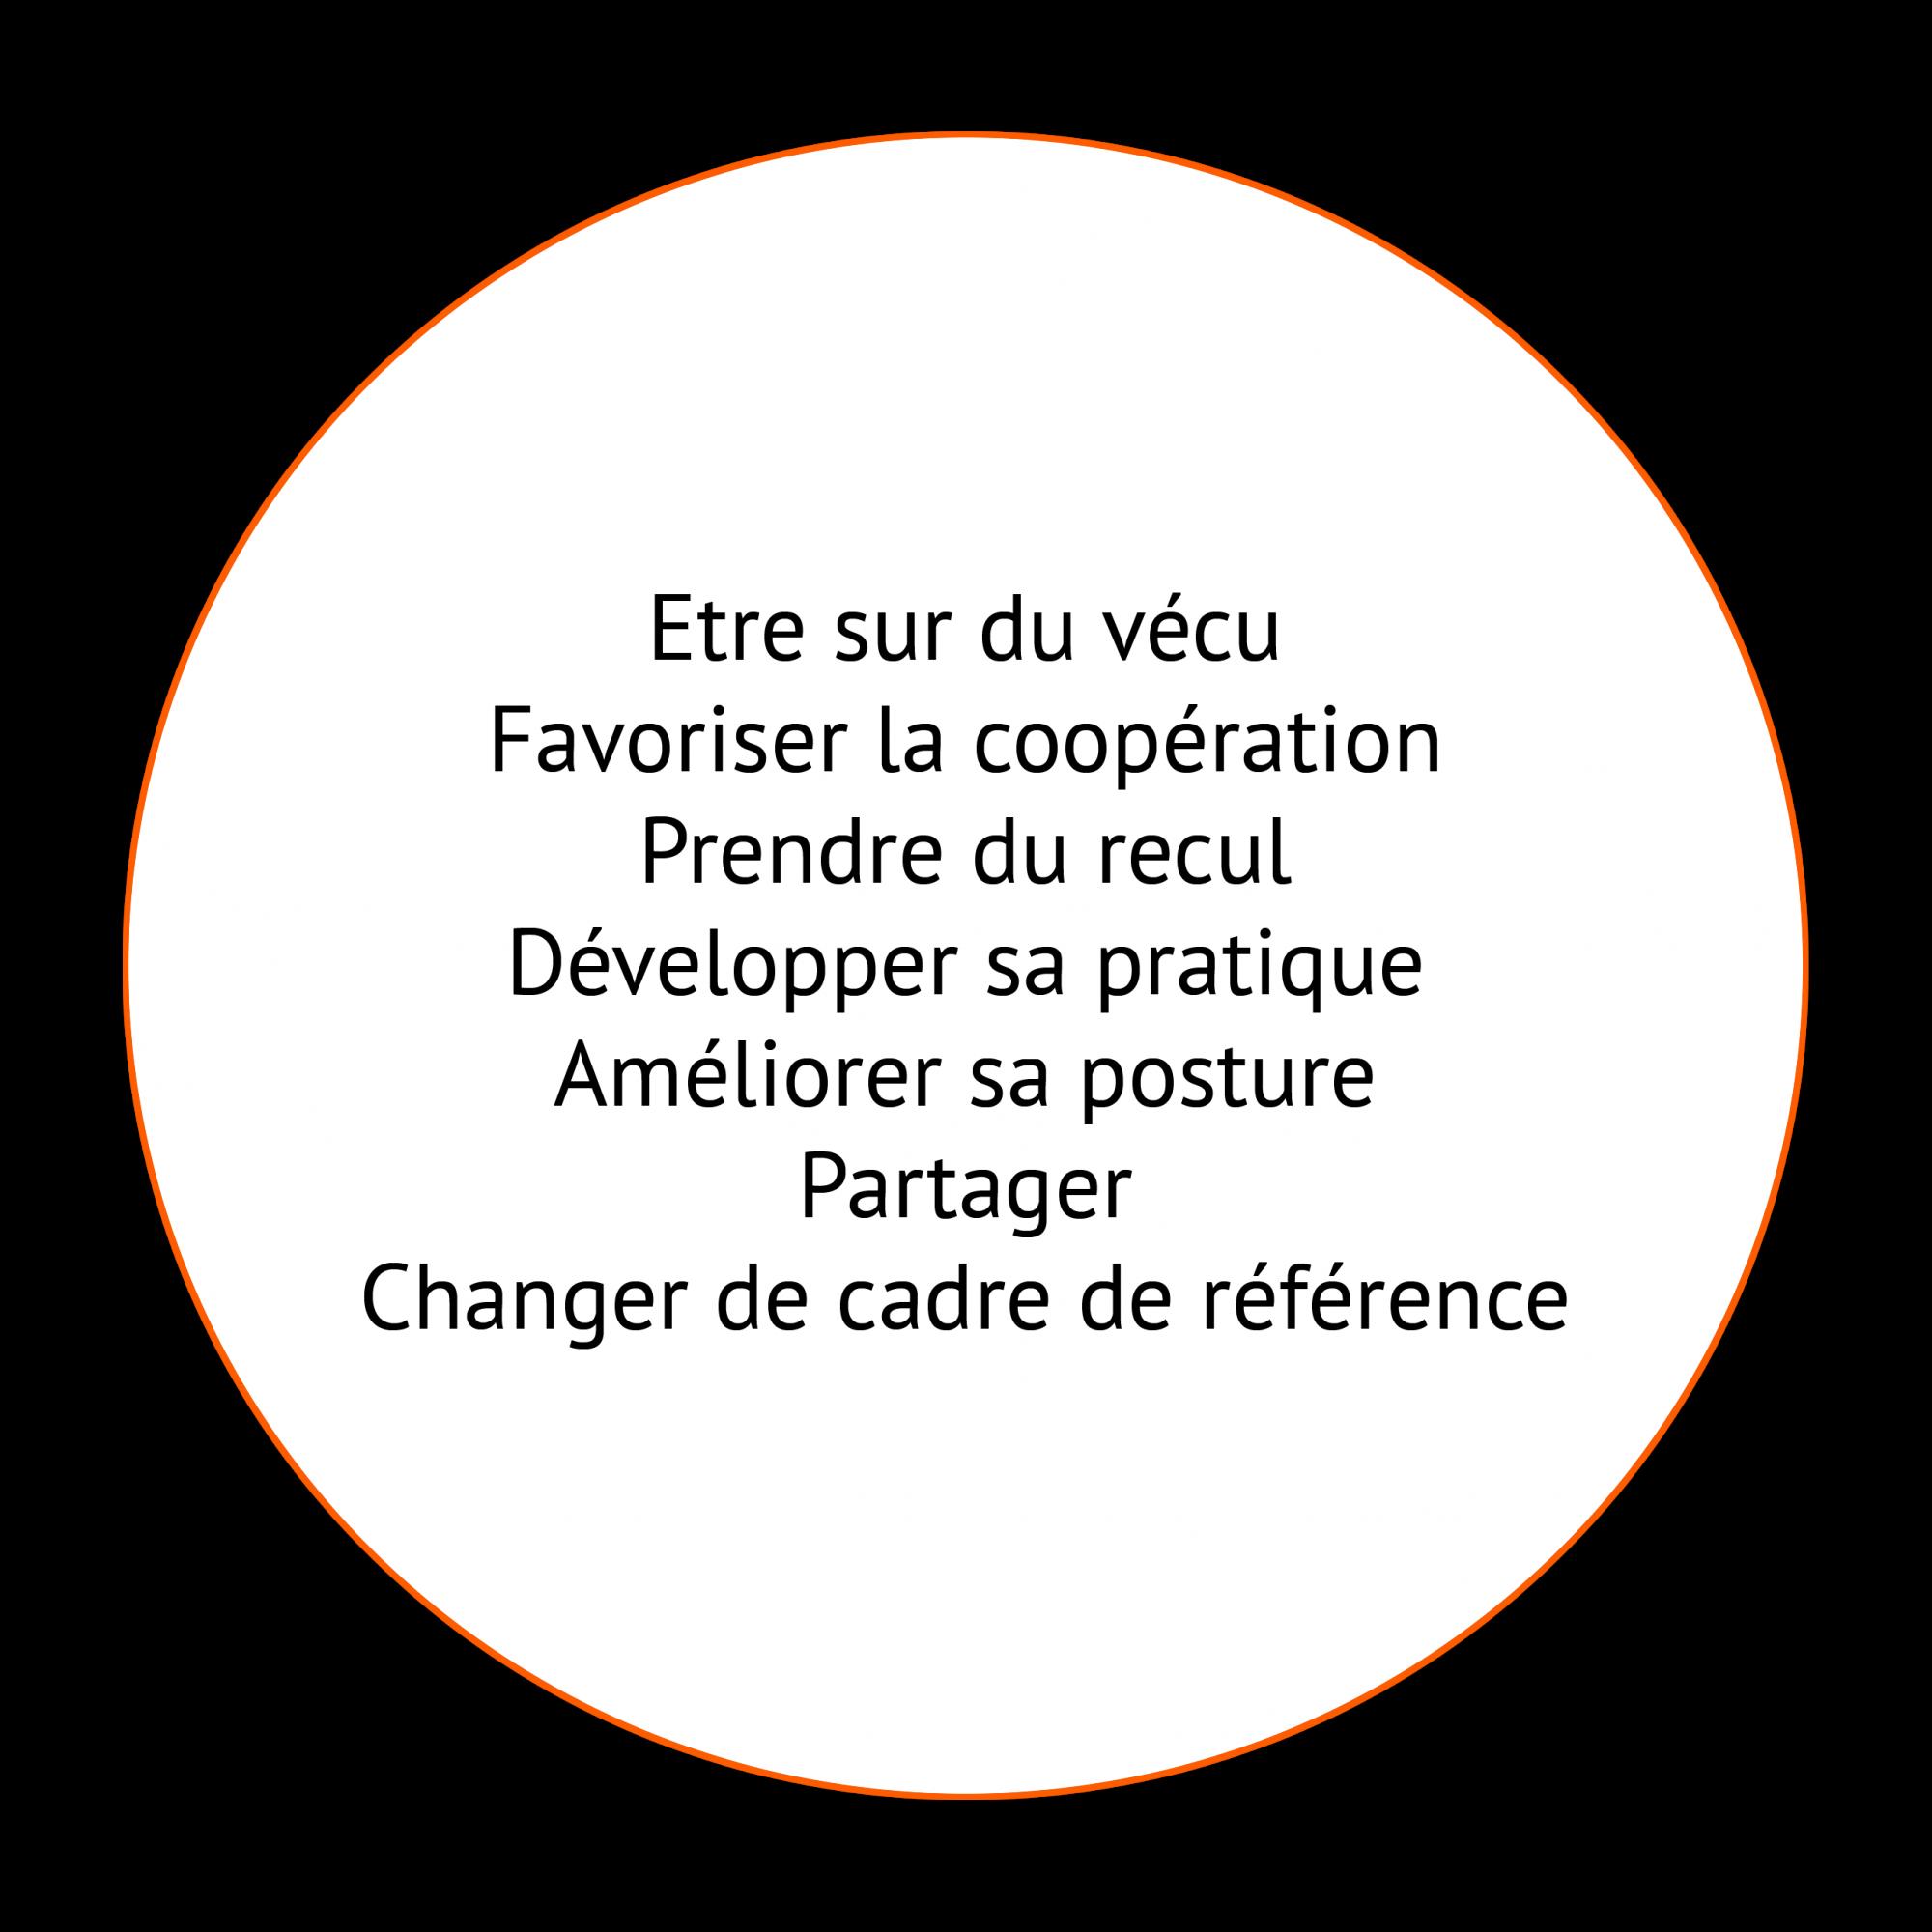 image codéveloppement - Pépites conseil - Christine Desseaux - Lille Métropole